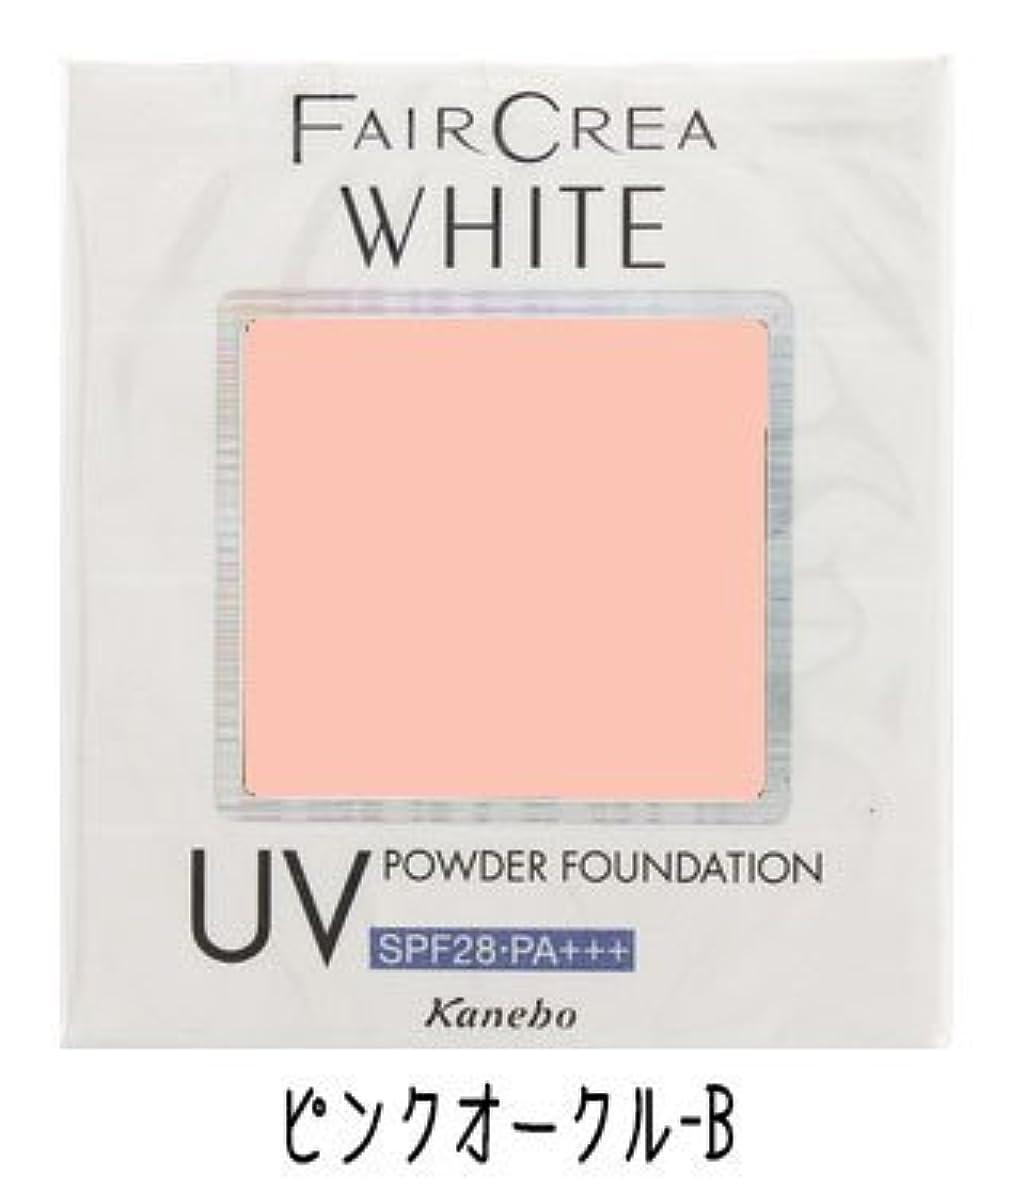 結論生活化粧カネボウ フェアクレア ホワイトUVパウダーファンデーション《10g》<カラー:ピンクオークルB>